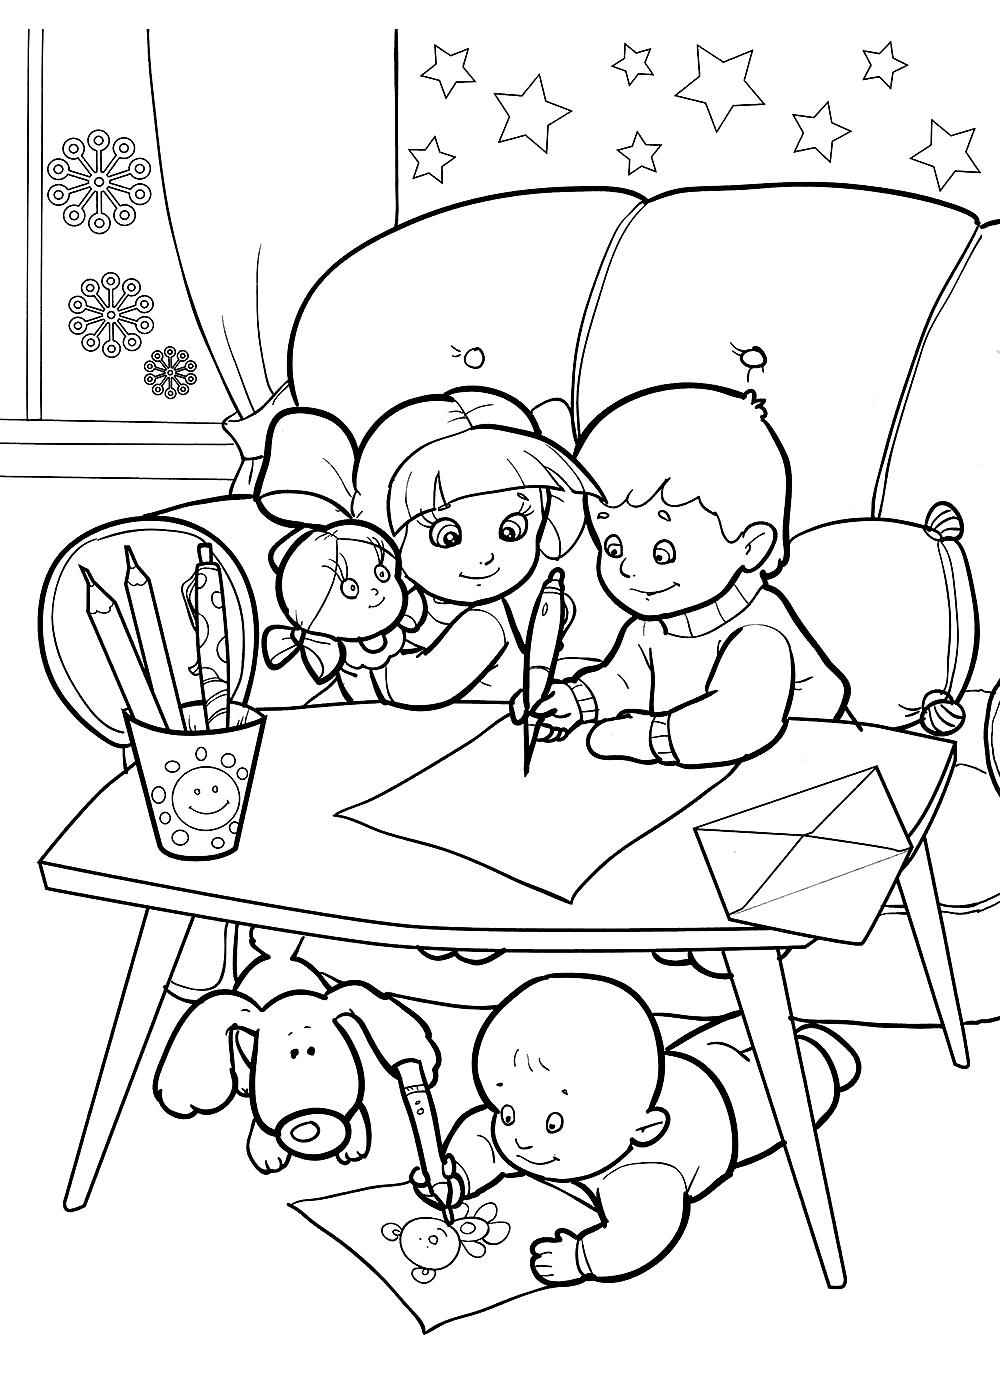 Раскраска Дети пишут письмо Деду Морозу